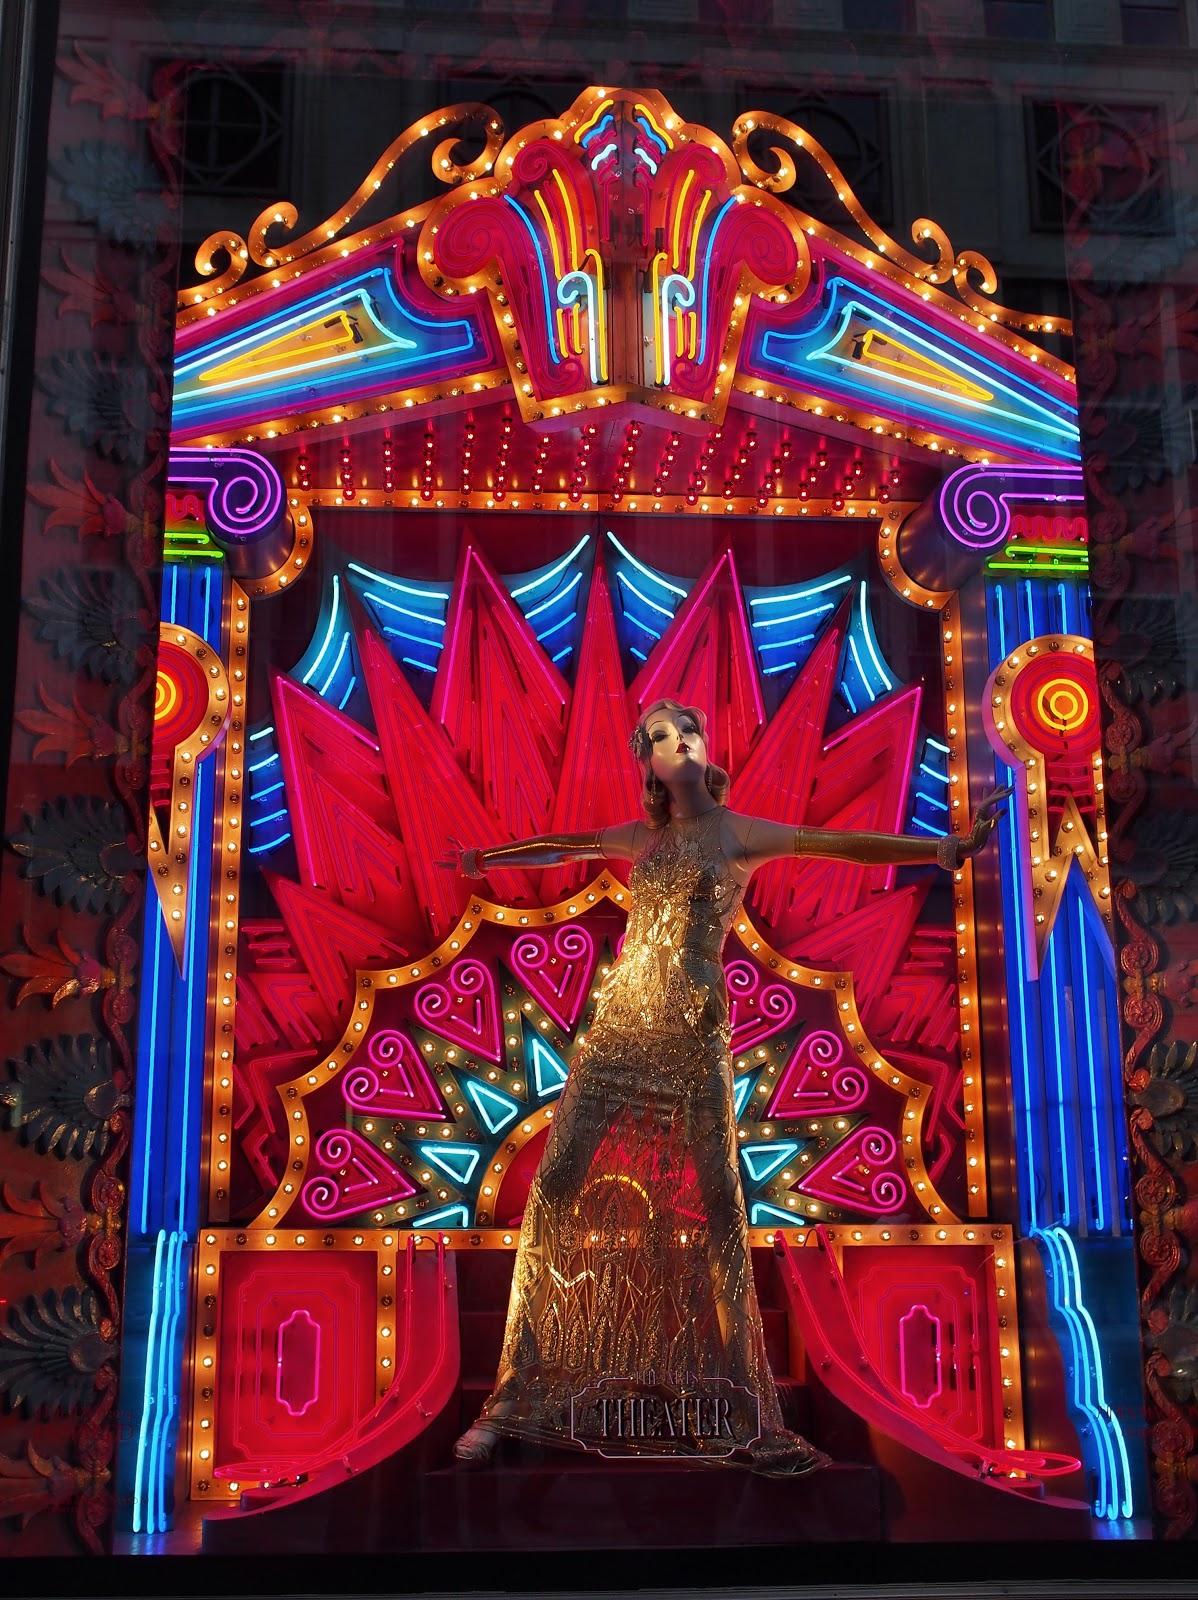 Center Stage #CenterStage  #bgwindows #holidaywindows #5thavenuewindows #NYC  #holidays #besttimeoftheyear #nyc ©2014 Nancy Lundebjerg